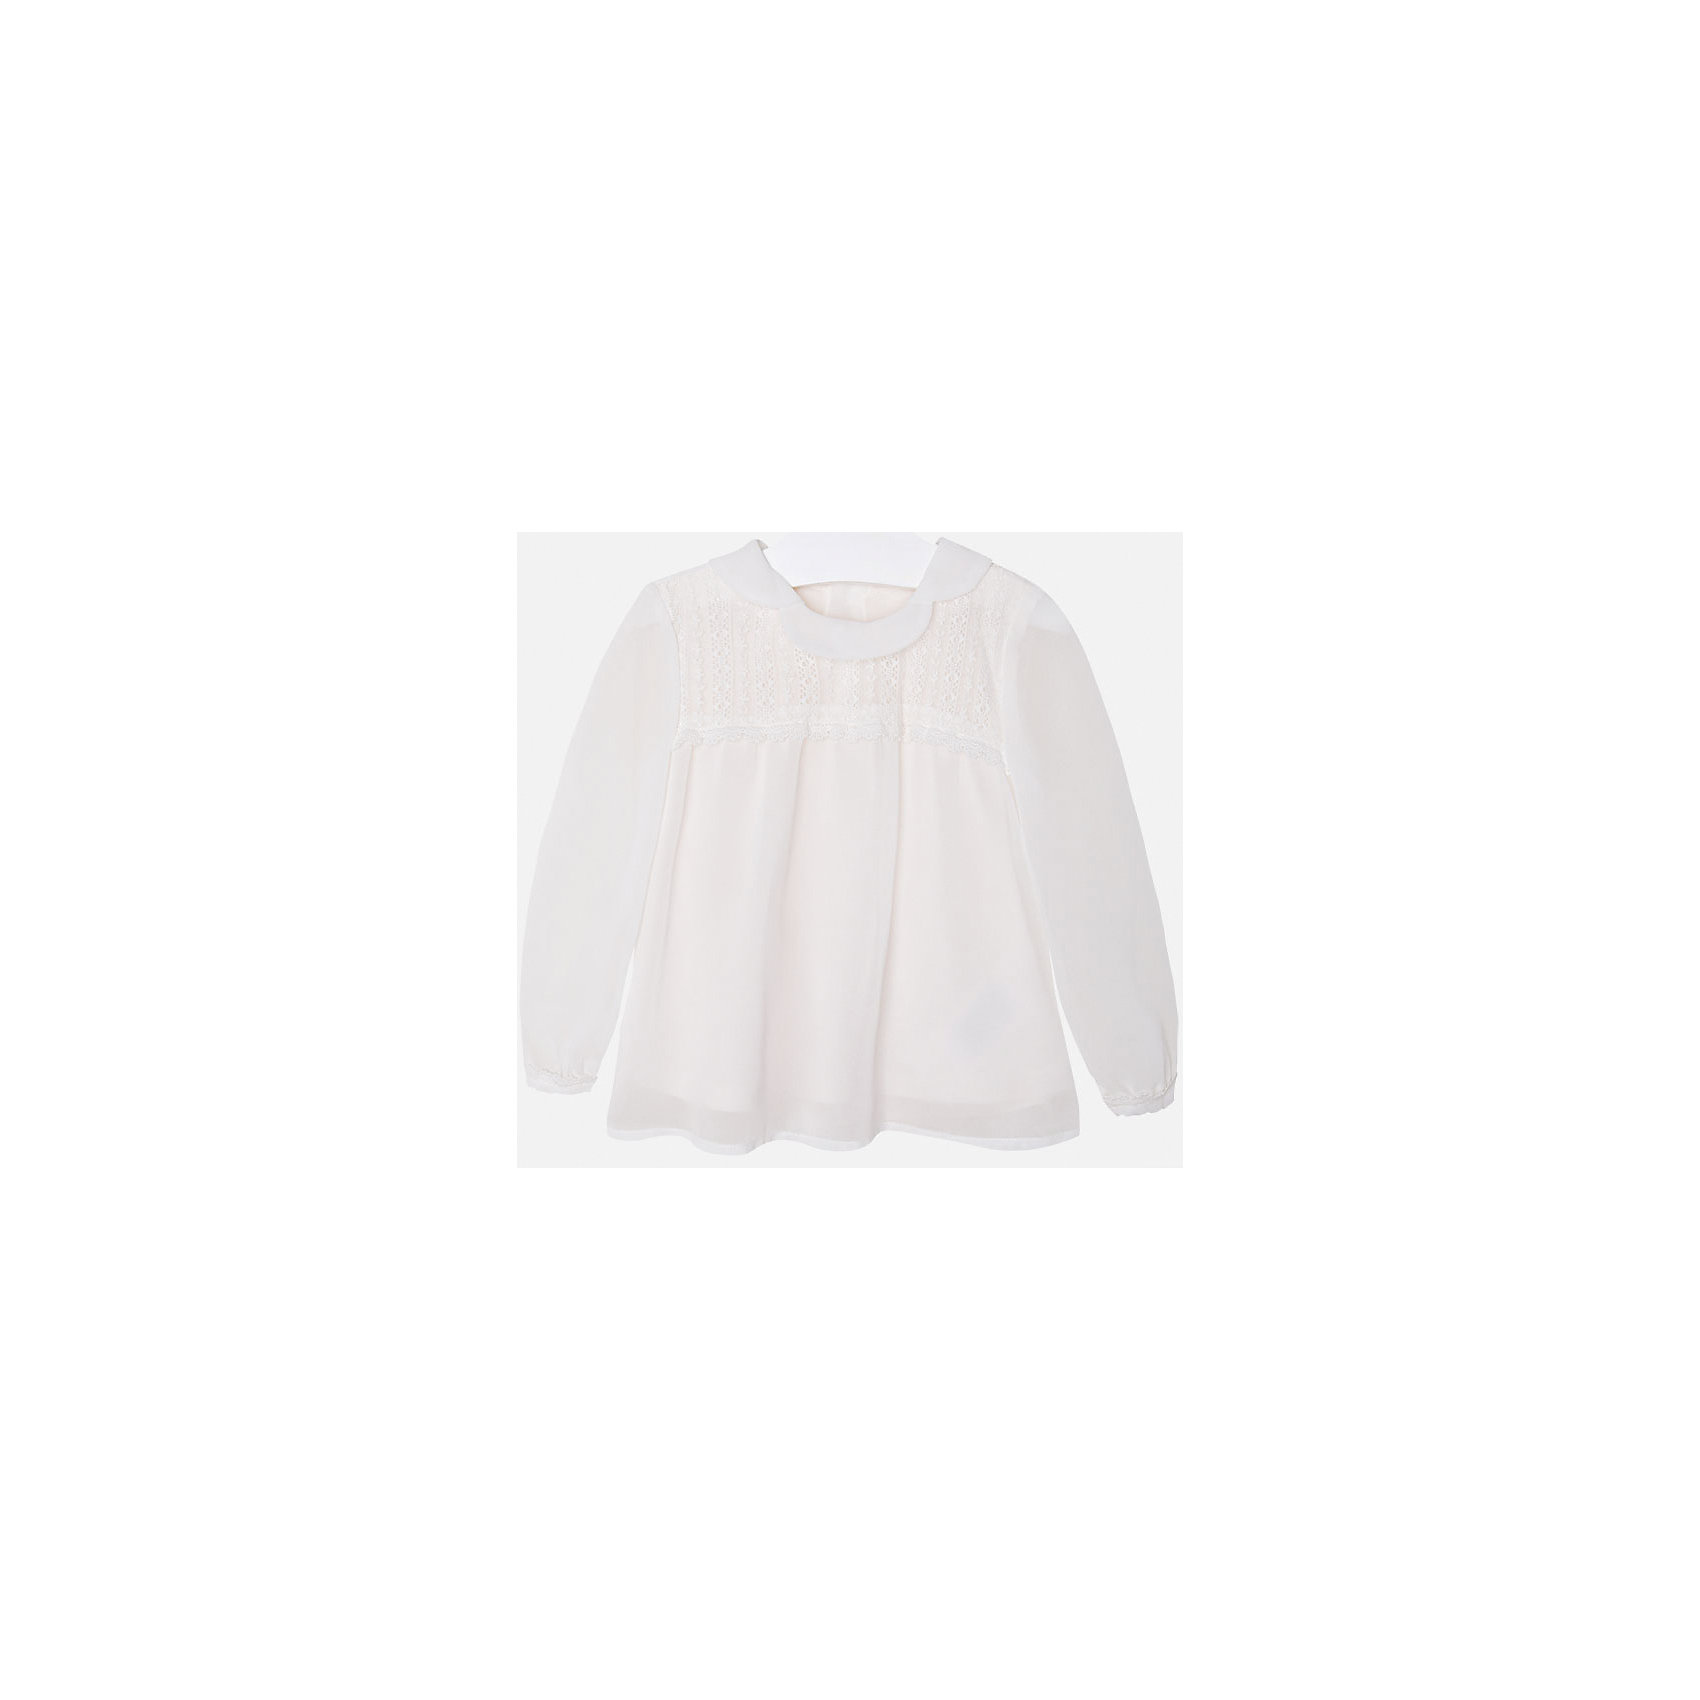 Блузка для девочки MayoralНарядная кремовая блузка для девочки торговой марки    Майорал -Mayoral<br>Блуза кремового цвета, свободного кроя, с красивыотложным воротничком. Будет прекрасным дополнением для нарядного образа Вашей девочки.<br><br>Дополнительная инфориация:<br><br>- вид застежки: пуговицы<br>- длина рукава: длинные<br>- фактура материала: текстильный<br>- длина изделия: по спинке: 48 см<br>- покрой: прямой<br>- состав:100% полиэстер; подкладка: 100% хлопок<br>- уход за вещами: бережная стирка при 30 градусах<br>- рисунок: без рисунка<br>- назначение: повседневная<br>- сезон: круглогодичный<br>- пол: девочки<br>- страна бренда: Испания<br>- страна производитель:  Индия<br>- комплектация: блузка<br><br>Блуза для девочки  торговой марки    Майорал можно купить в нашем интернет магазине<br><br>Ширина мм: 186<br>Глубина мм: 87<br>Высота мм: 198<br>Вес г: 197<br>Цвет: бежевый<br>Возраст от месяцев: 96<br>Возраст до месяцев: 108<br>Пол: Женский<br>Возраст: Детский<br>Размер: 134,110,122,98,128,116,104<br>SKU: 4846536